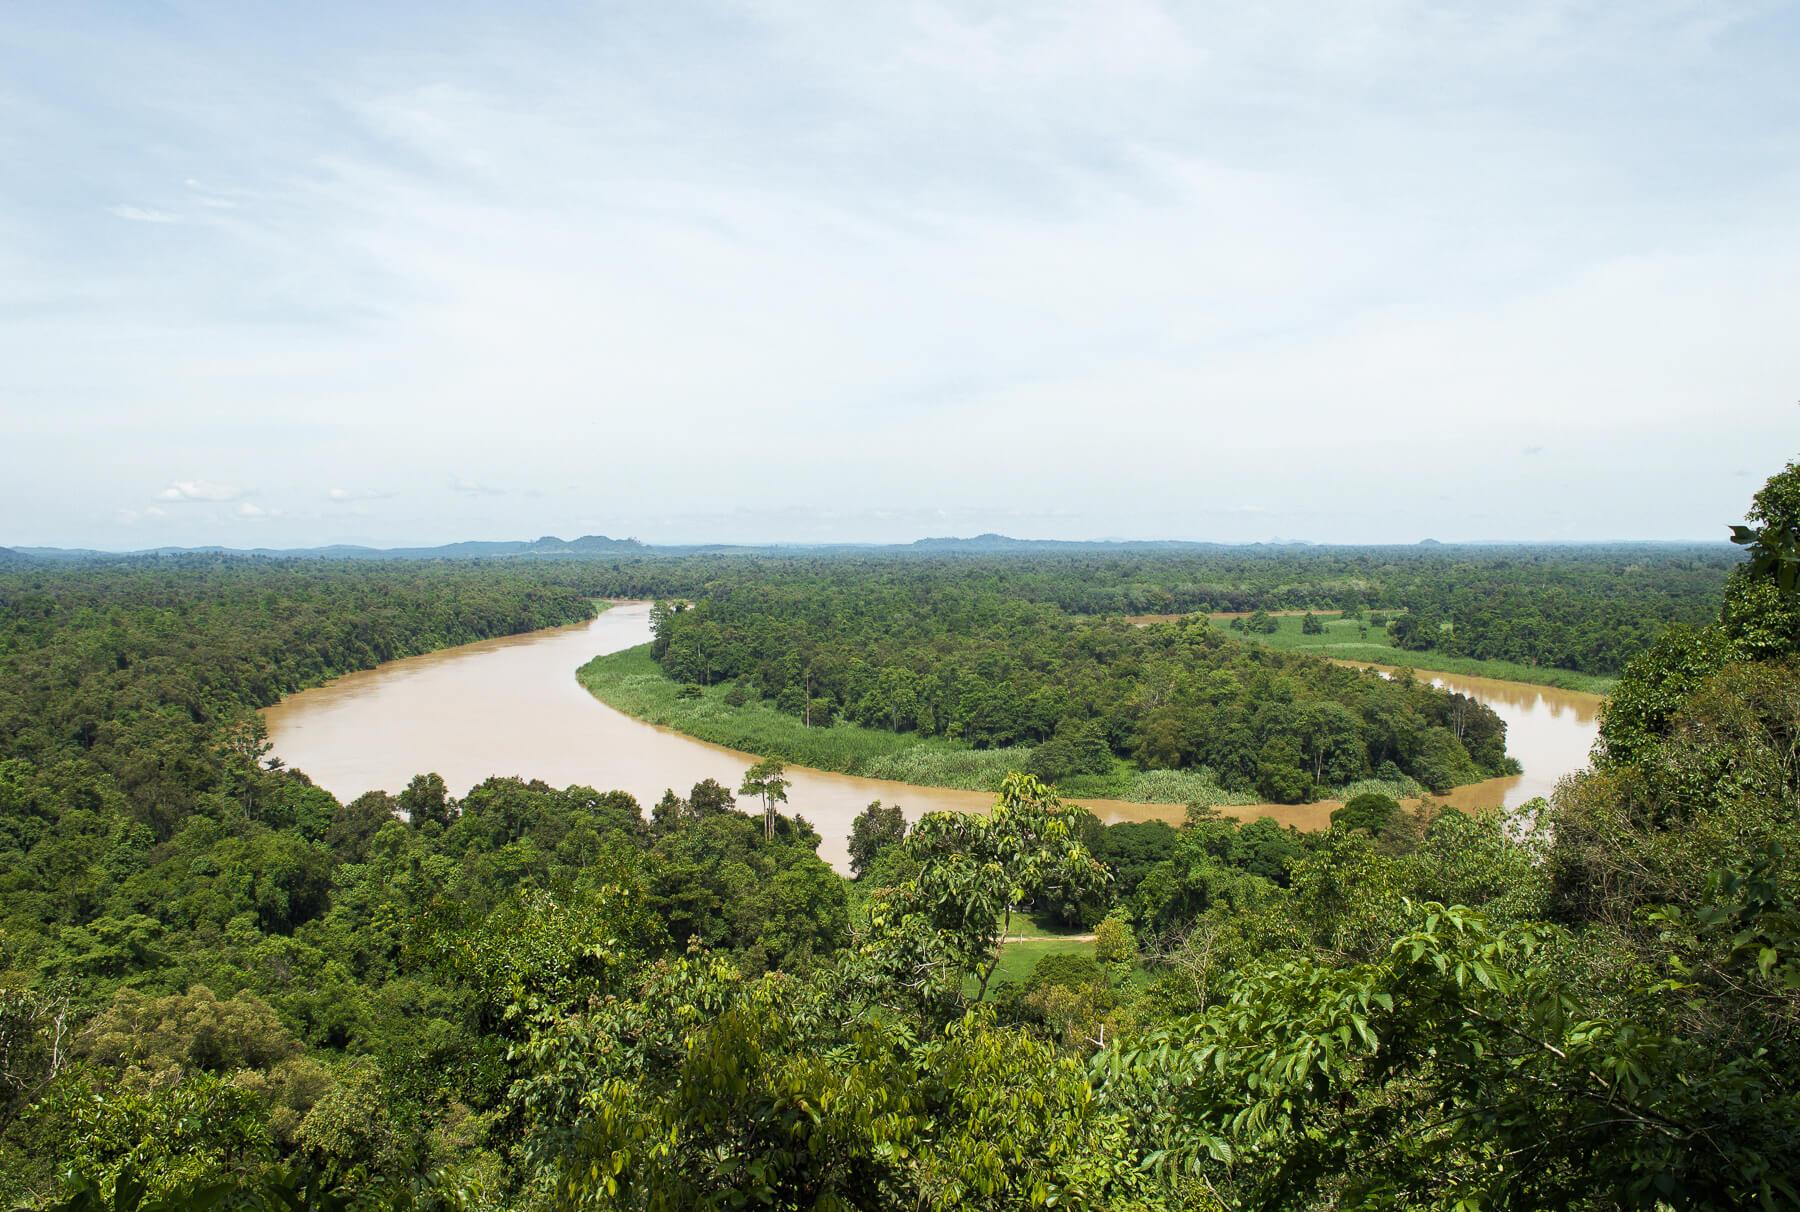 Overlooking Kinabatangan River from tree top lookout